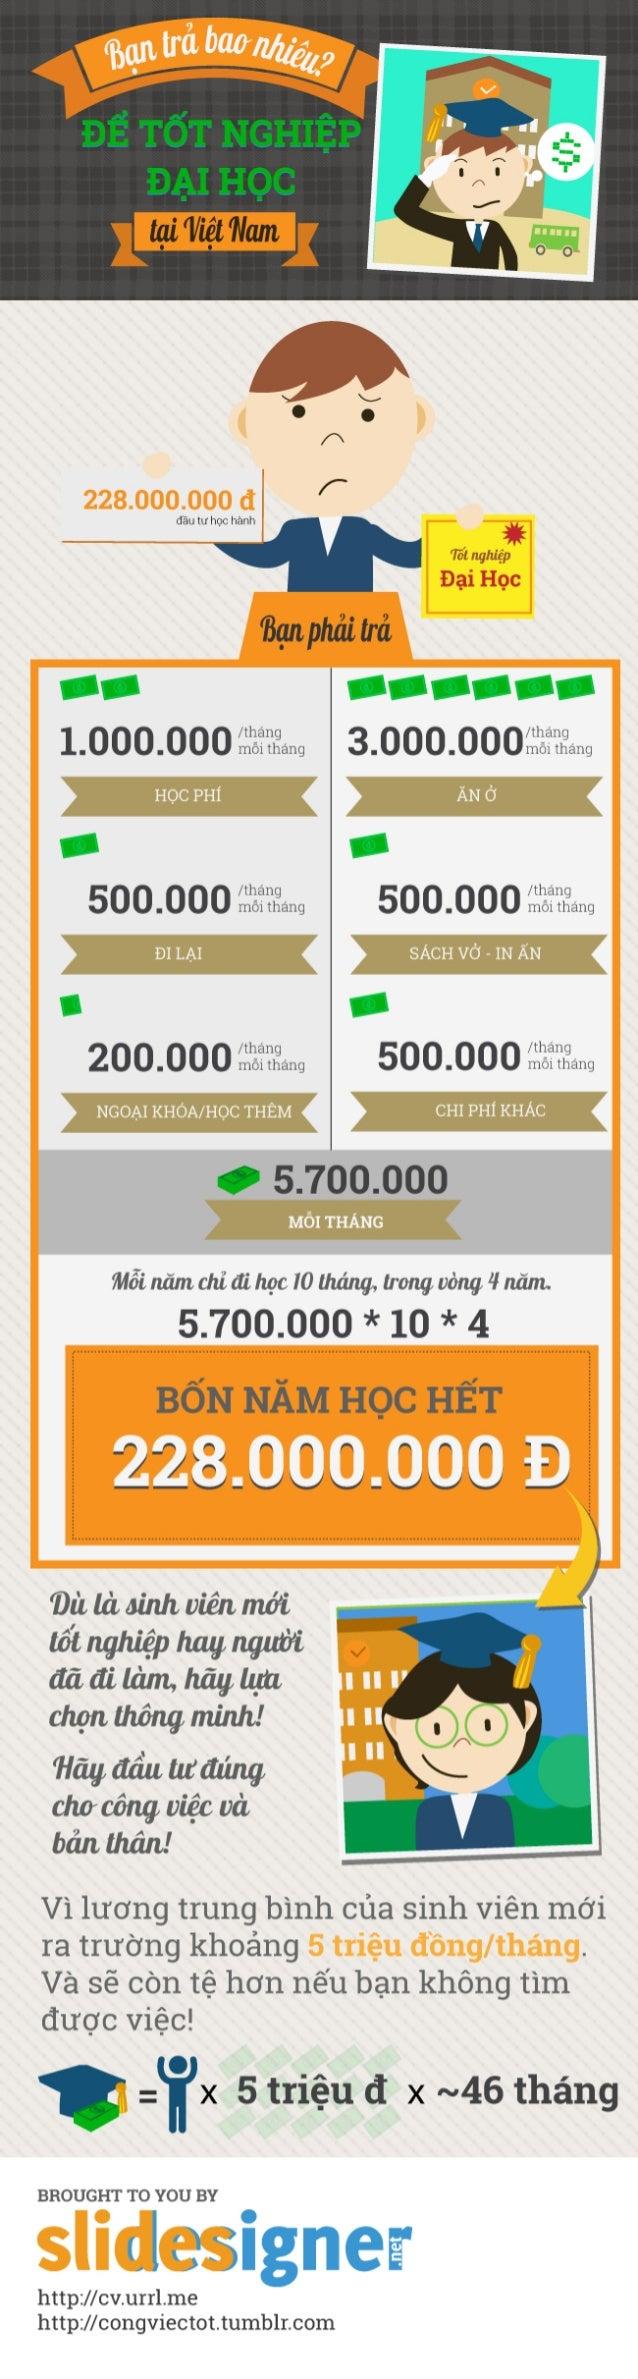 [Infographics] Bạn trả bao nhiêu để tốt nghiệp đại học?